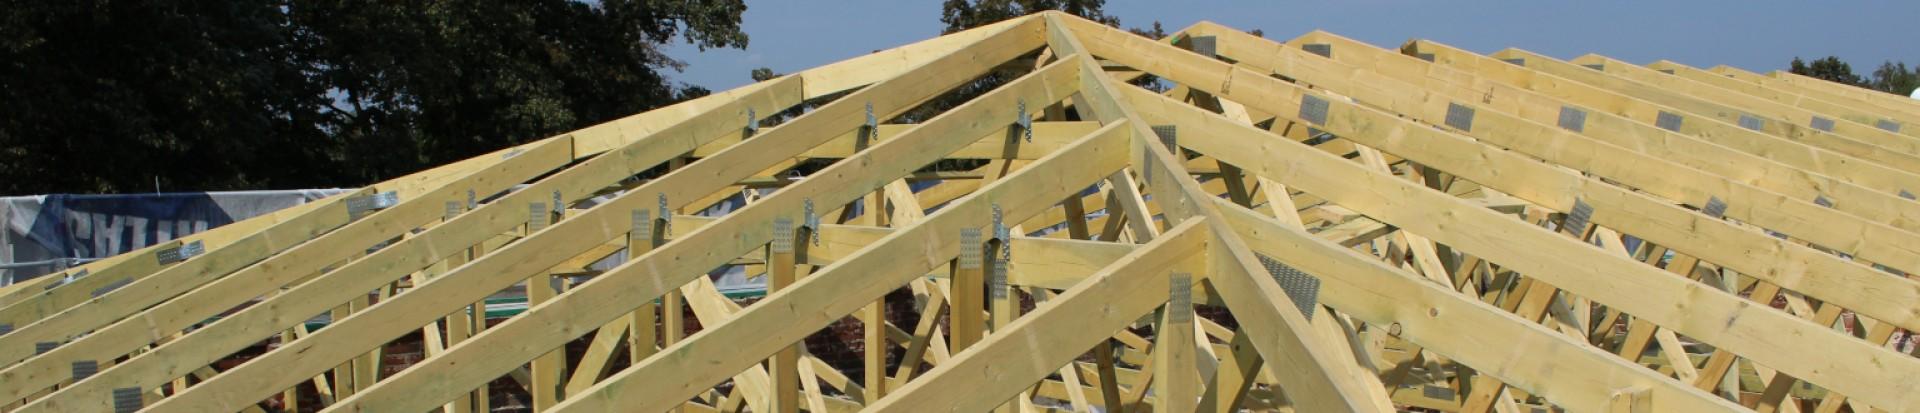 Realizacja dachu budynku biblioteki w miejsc. Bełdów